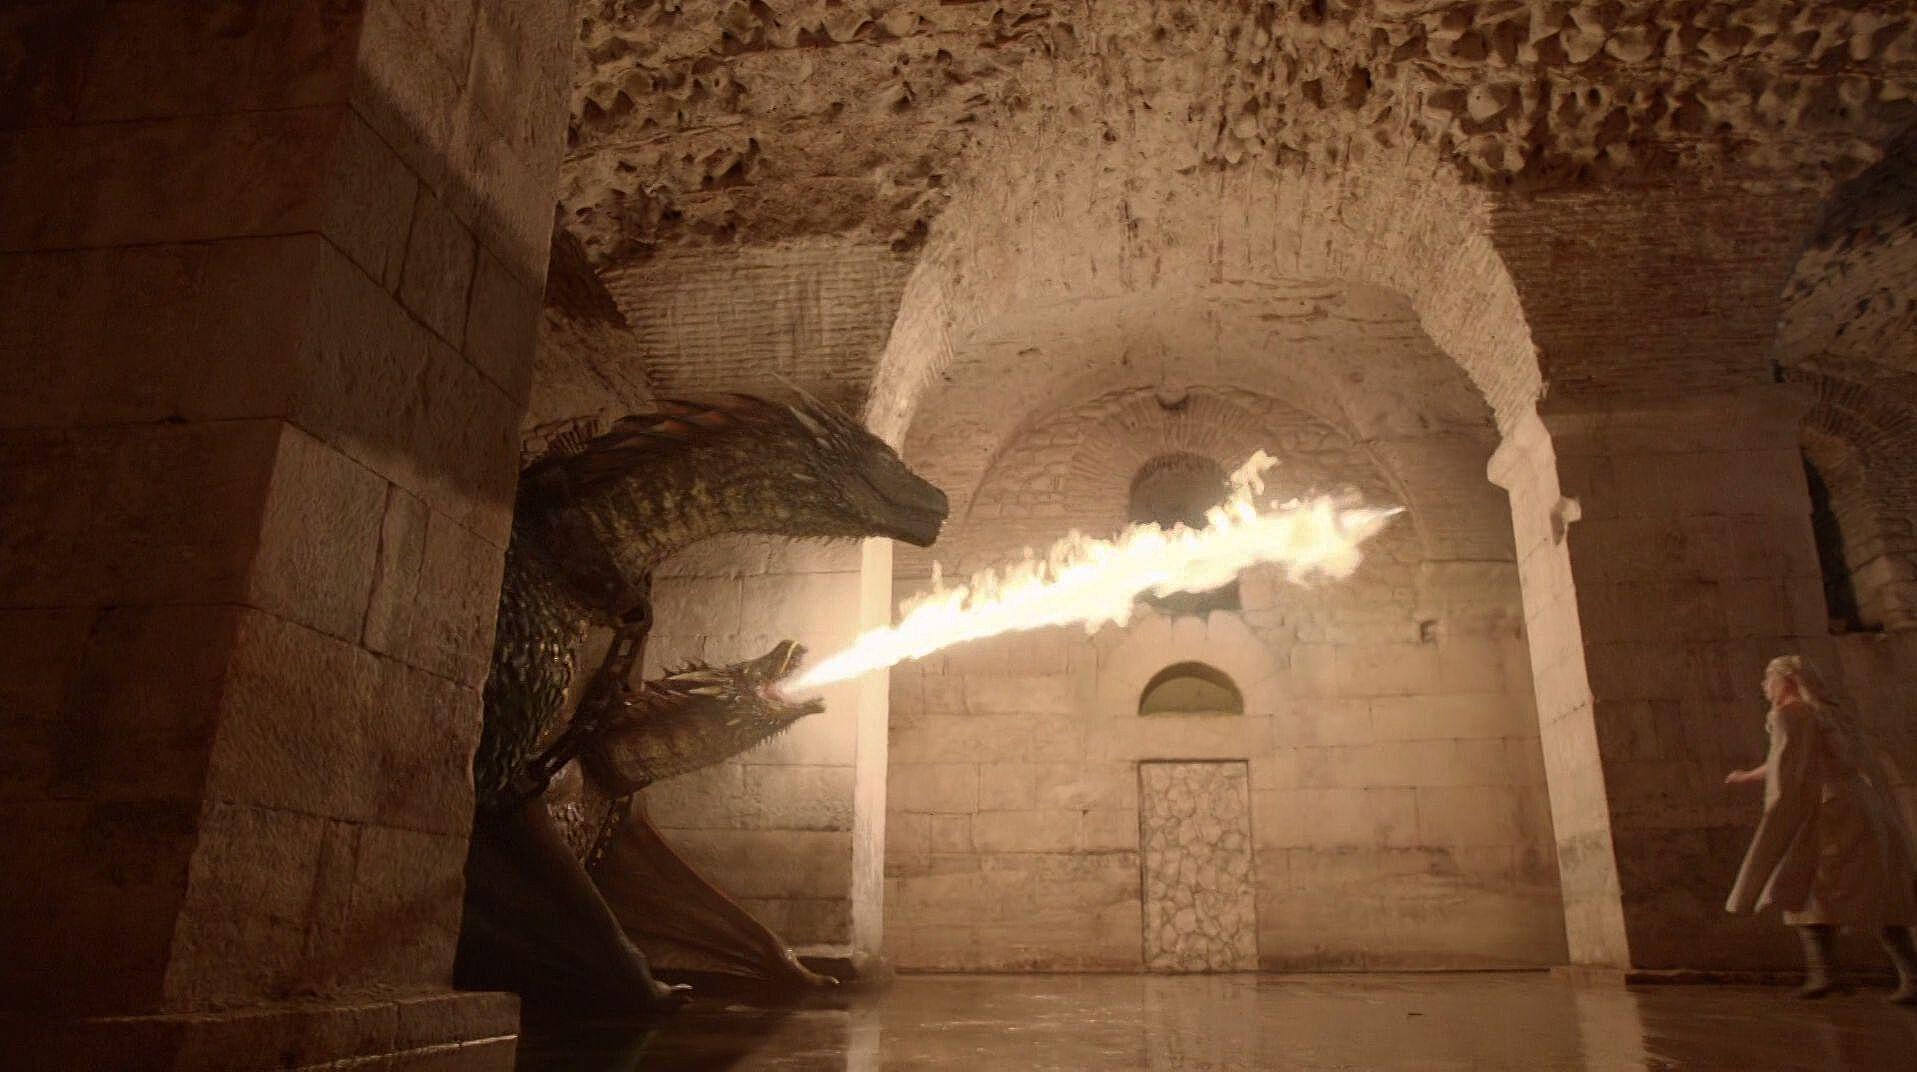 Rhaegal  Viserion 5x01 - چگونه میتوان یک اژدها را کشت؟ اژدهاکشی در بازی تاج و تخت و افسانه ها